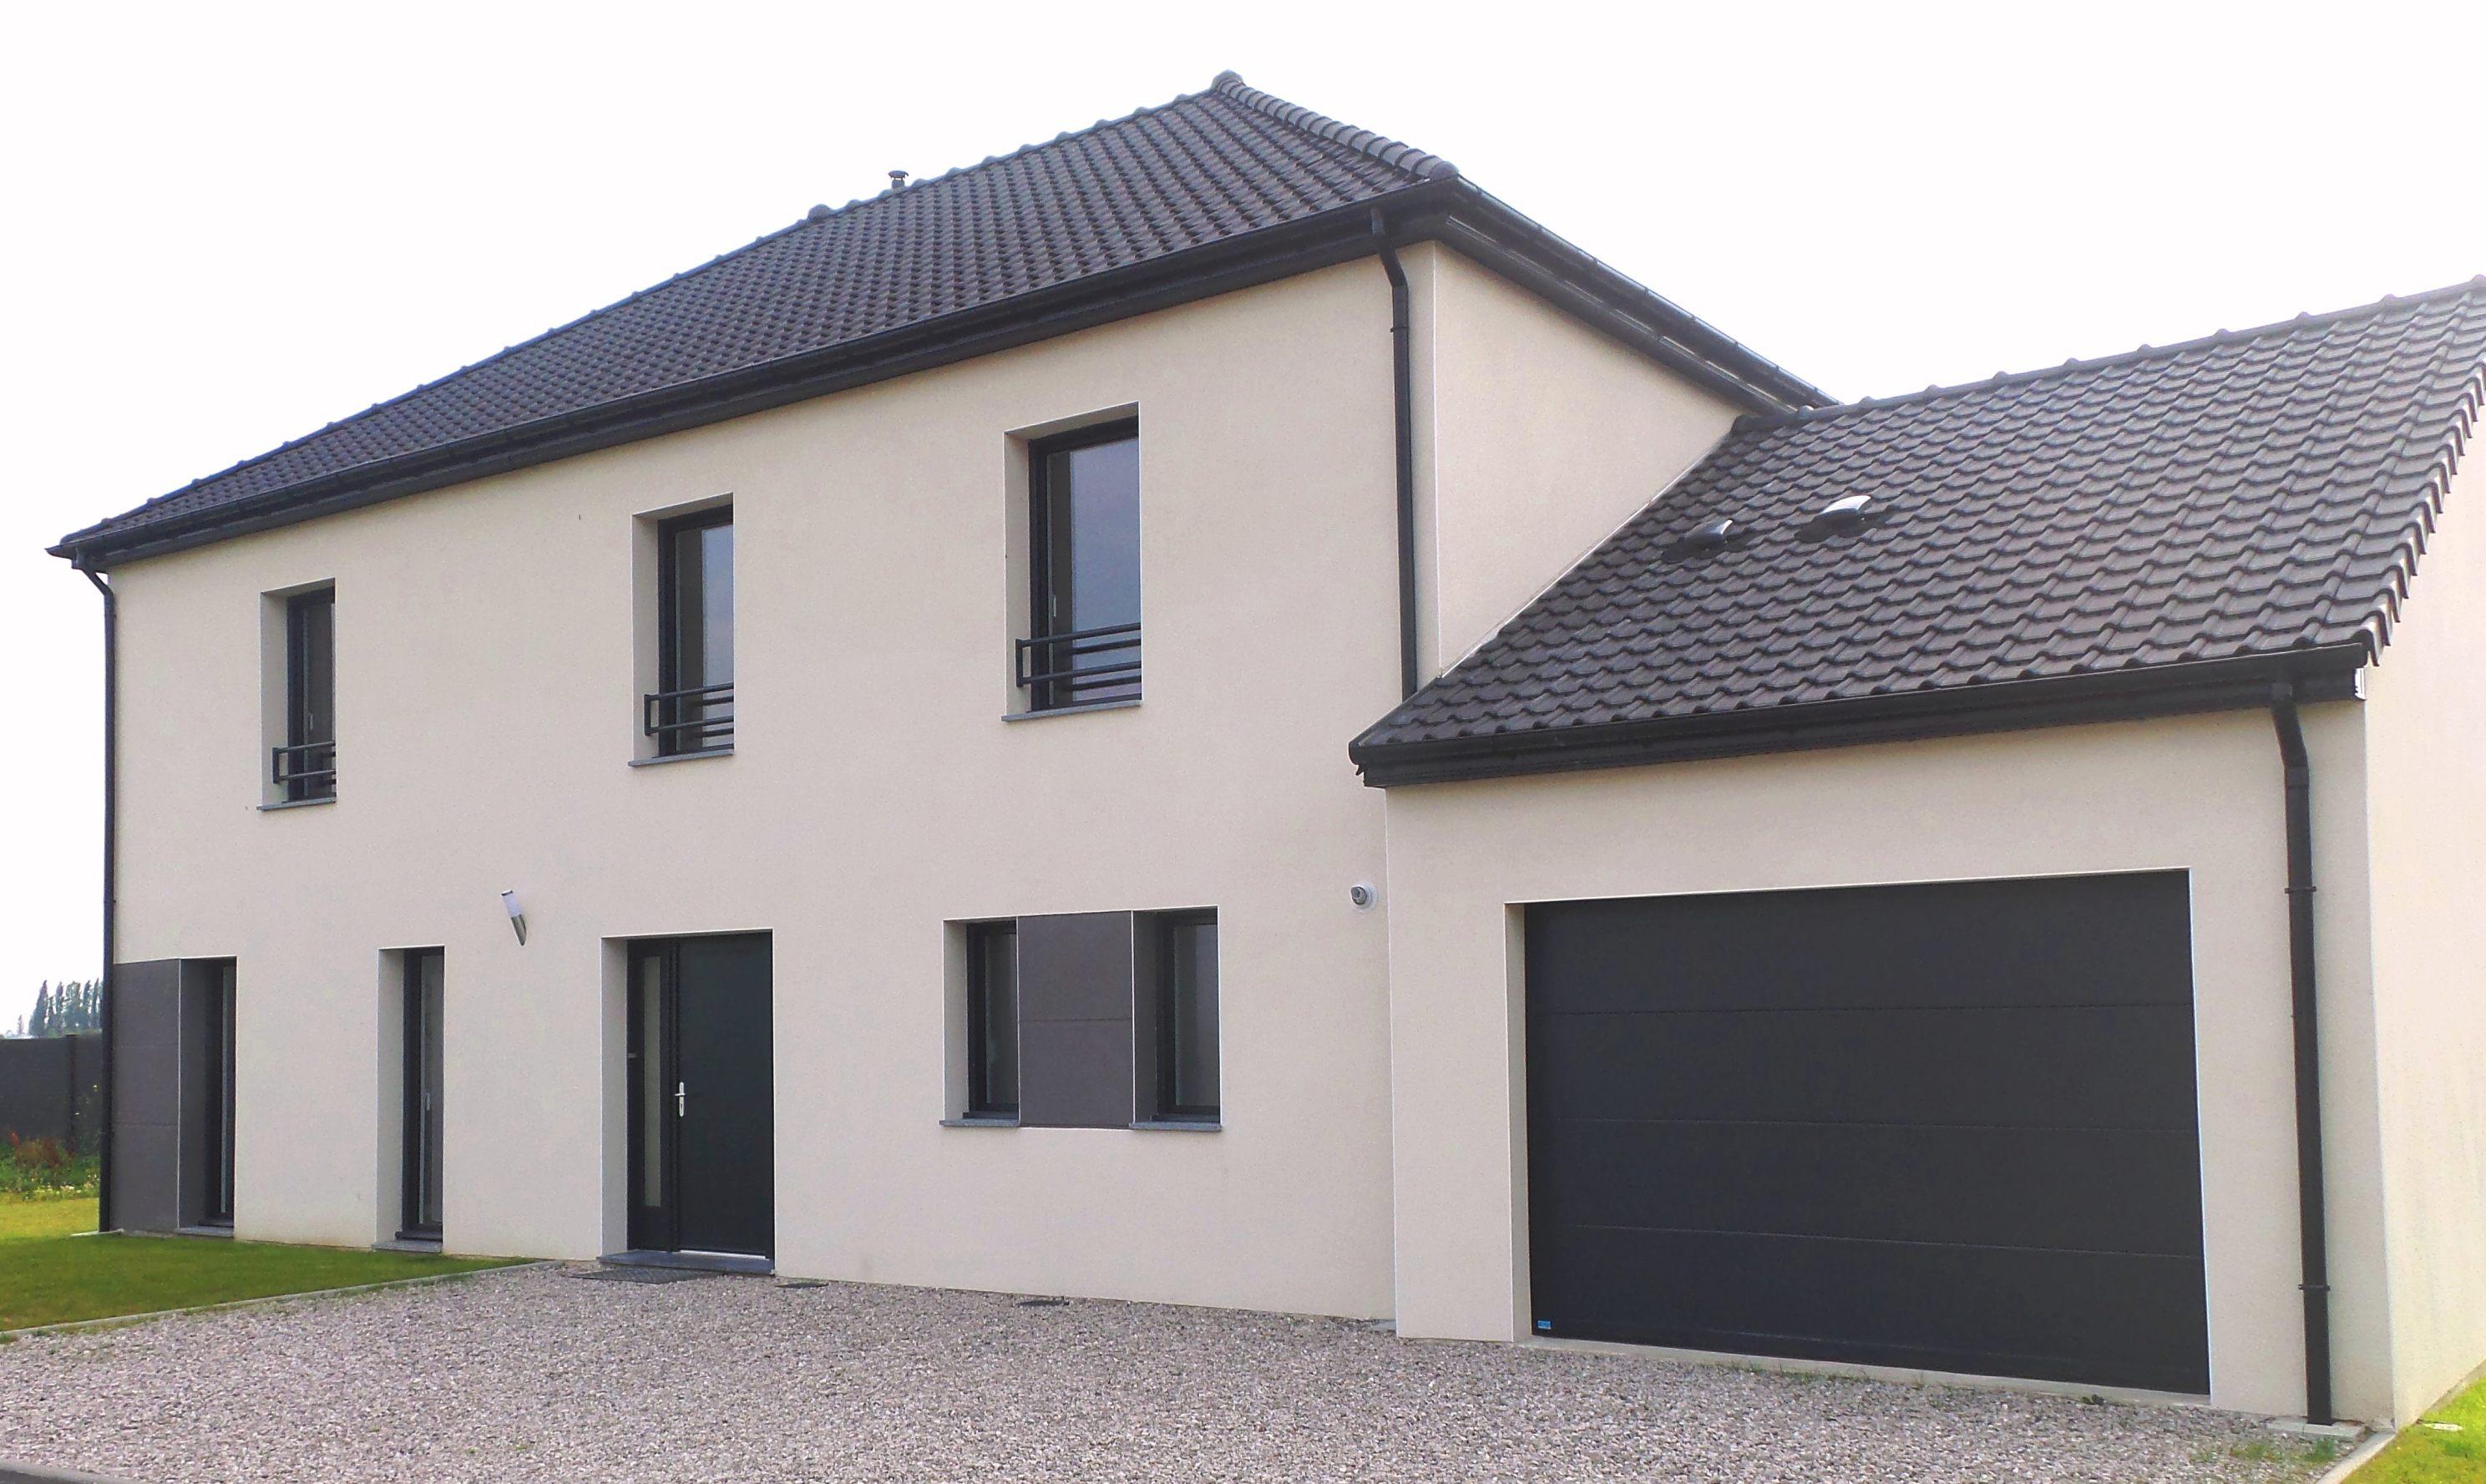 Maisons + Terrains du constructeur MAISON FAMILIALE MAREUIL LES MEAUX • 140 m² • COUBERT